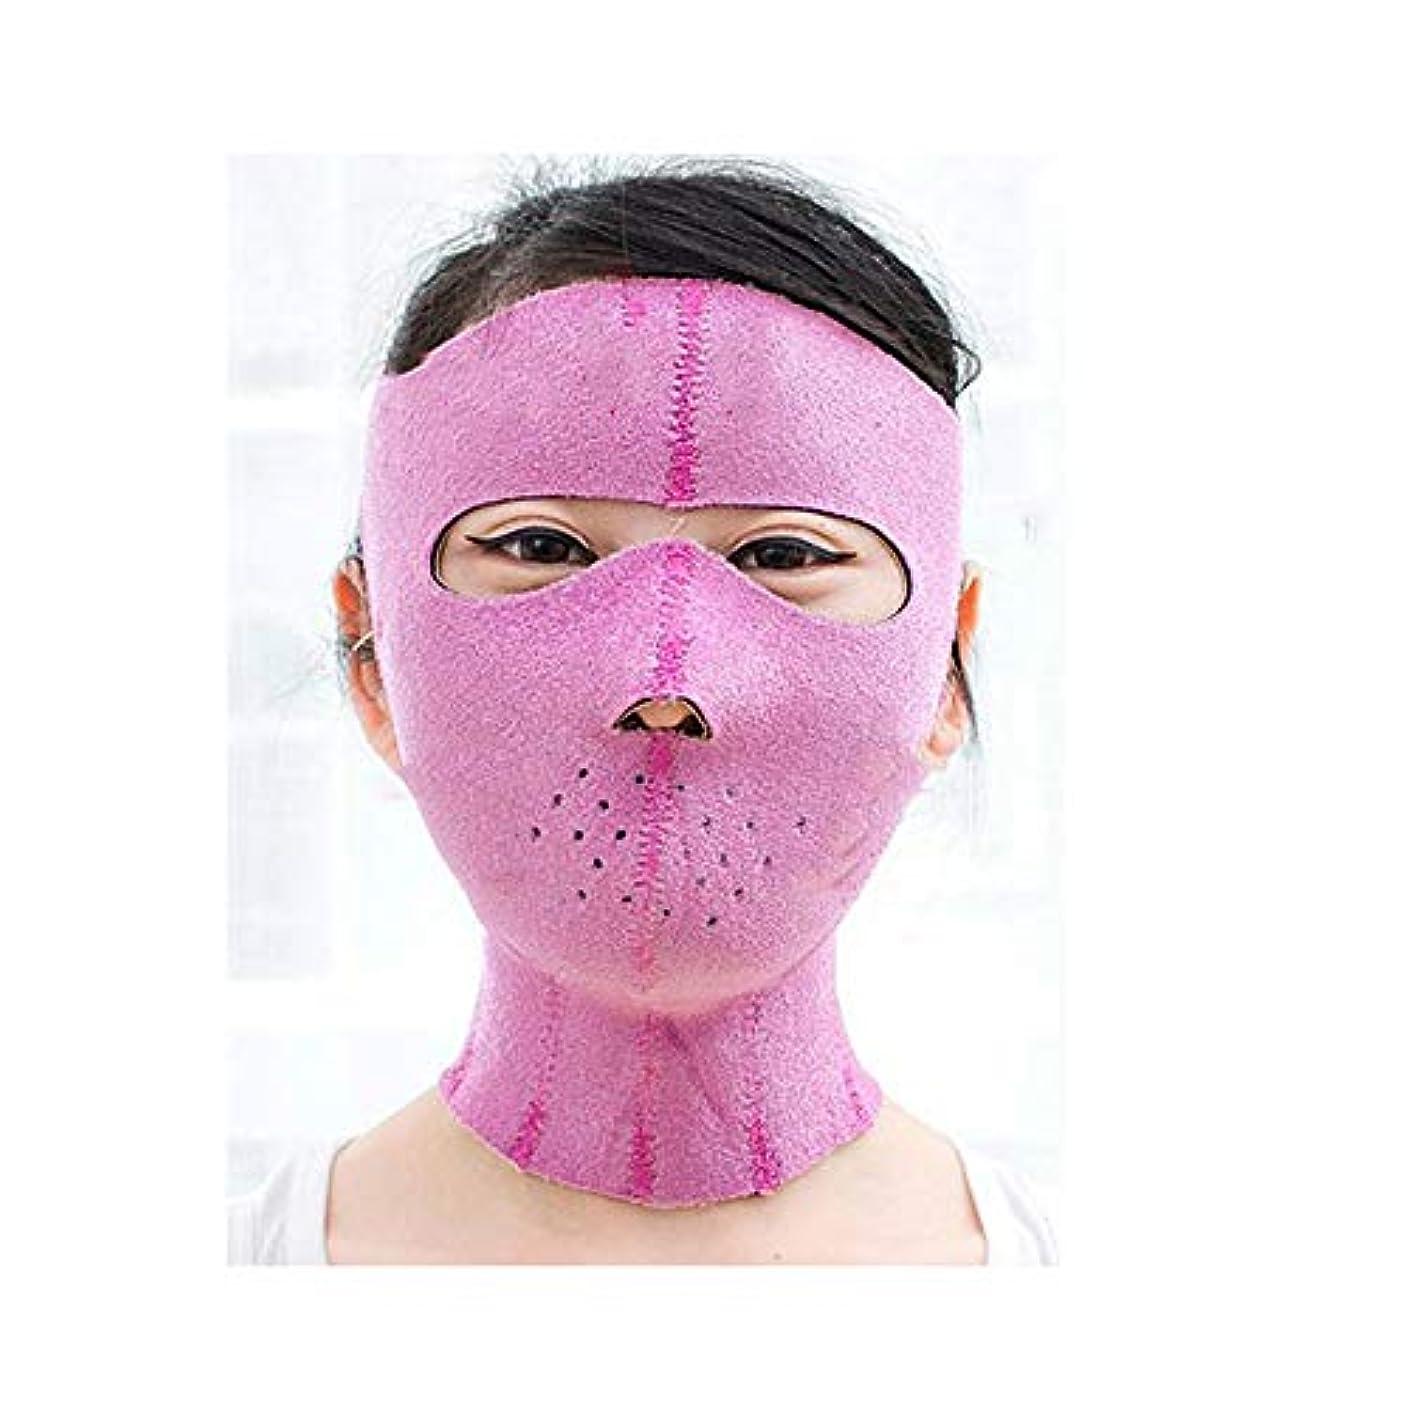 病院地味なコンピューターフェイスリフティングサウナマスク、ウィッキングフェイス包帯/スモールフェイスアーチファクト/フェイスマスク(ピンク)